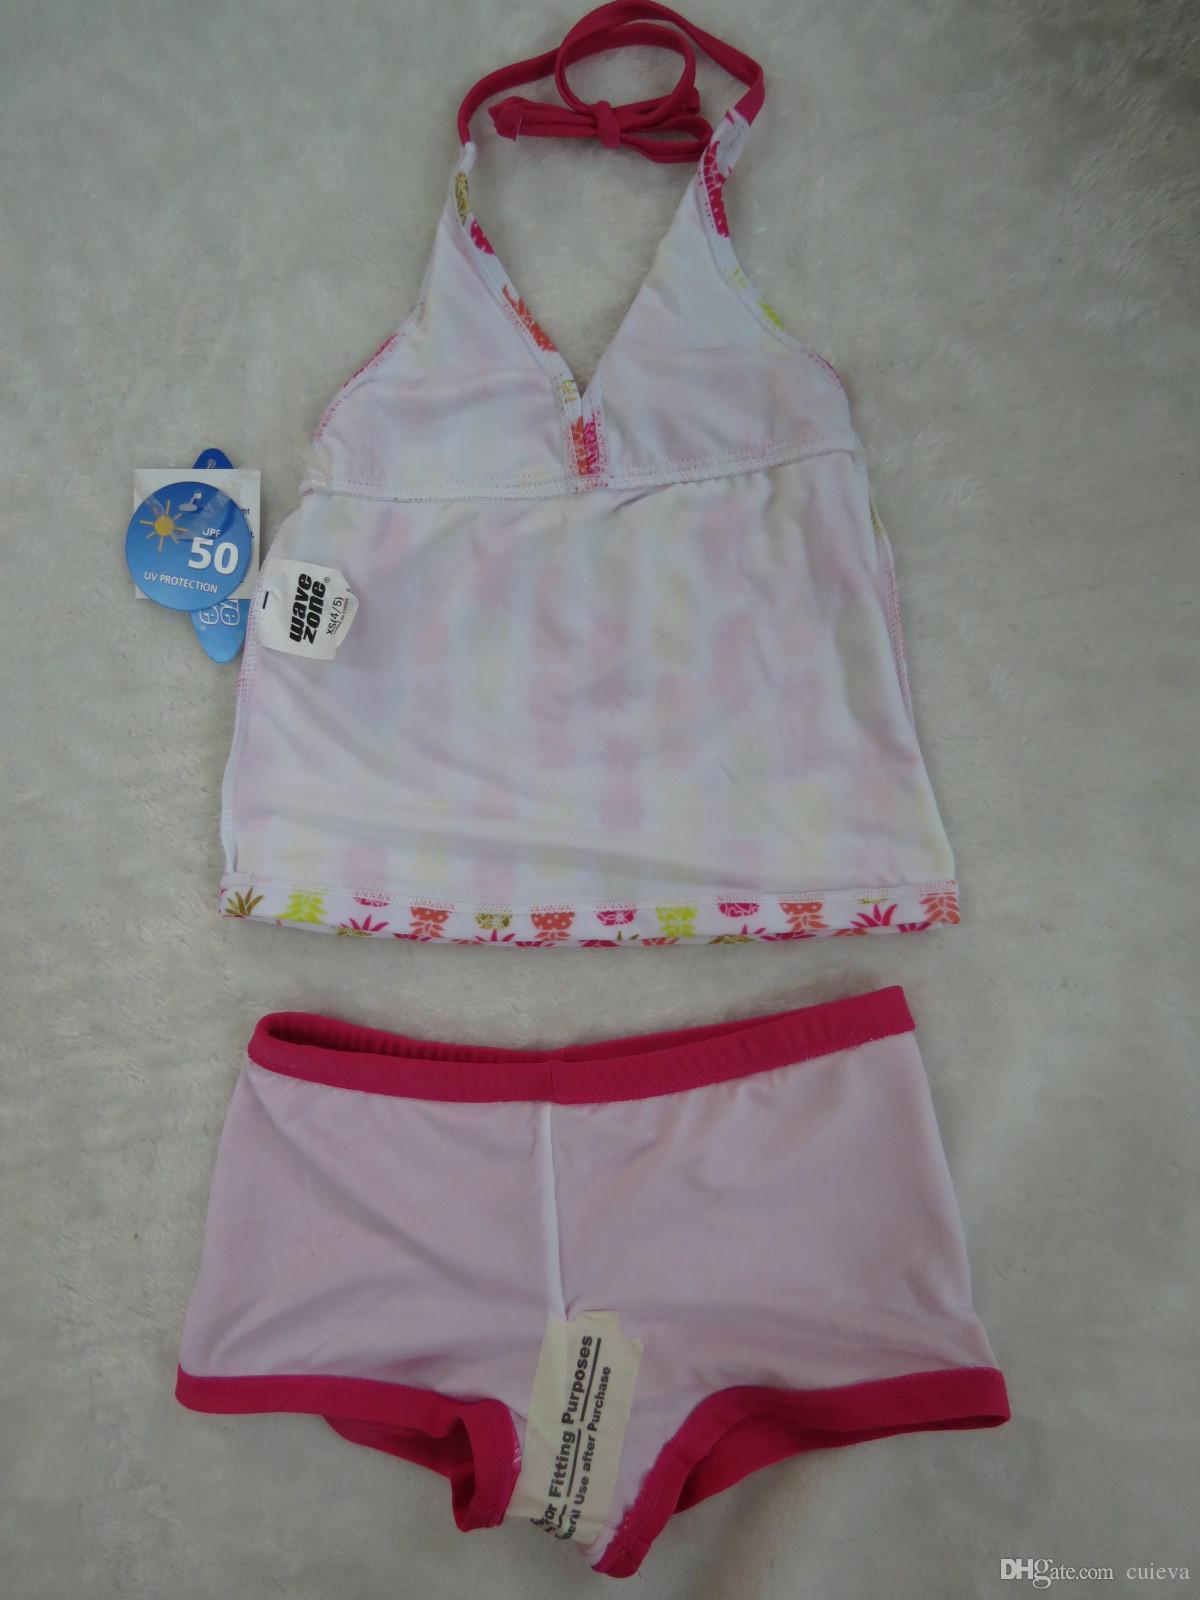 2018 Baby Girls Swimwear Kids Uv Protection Upf 50 Tankini Swimsuit